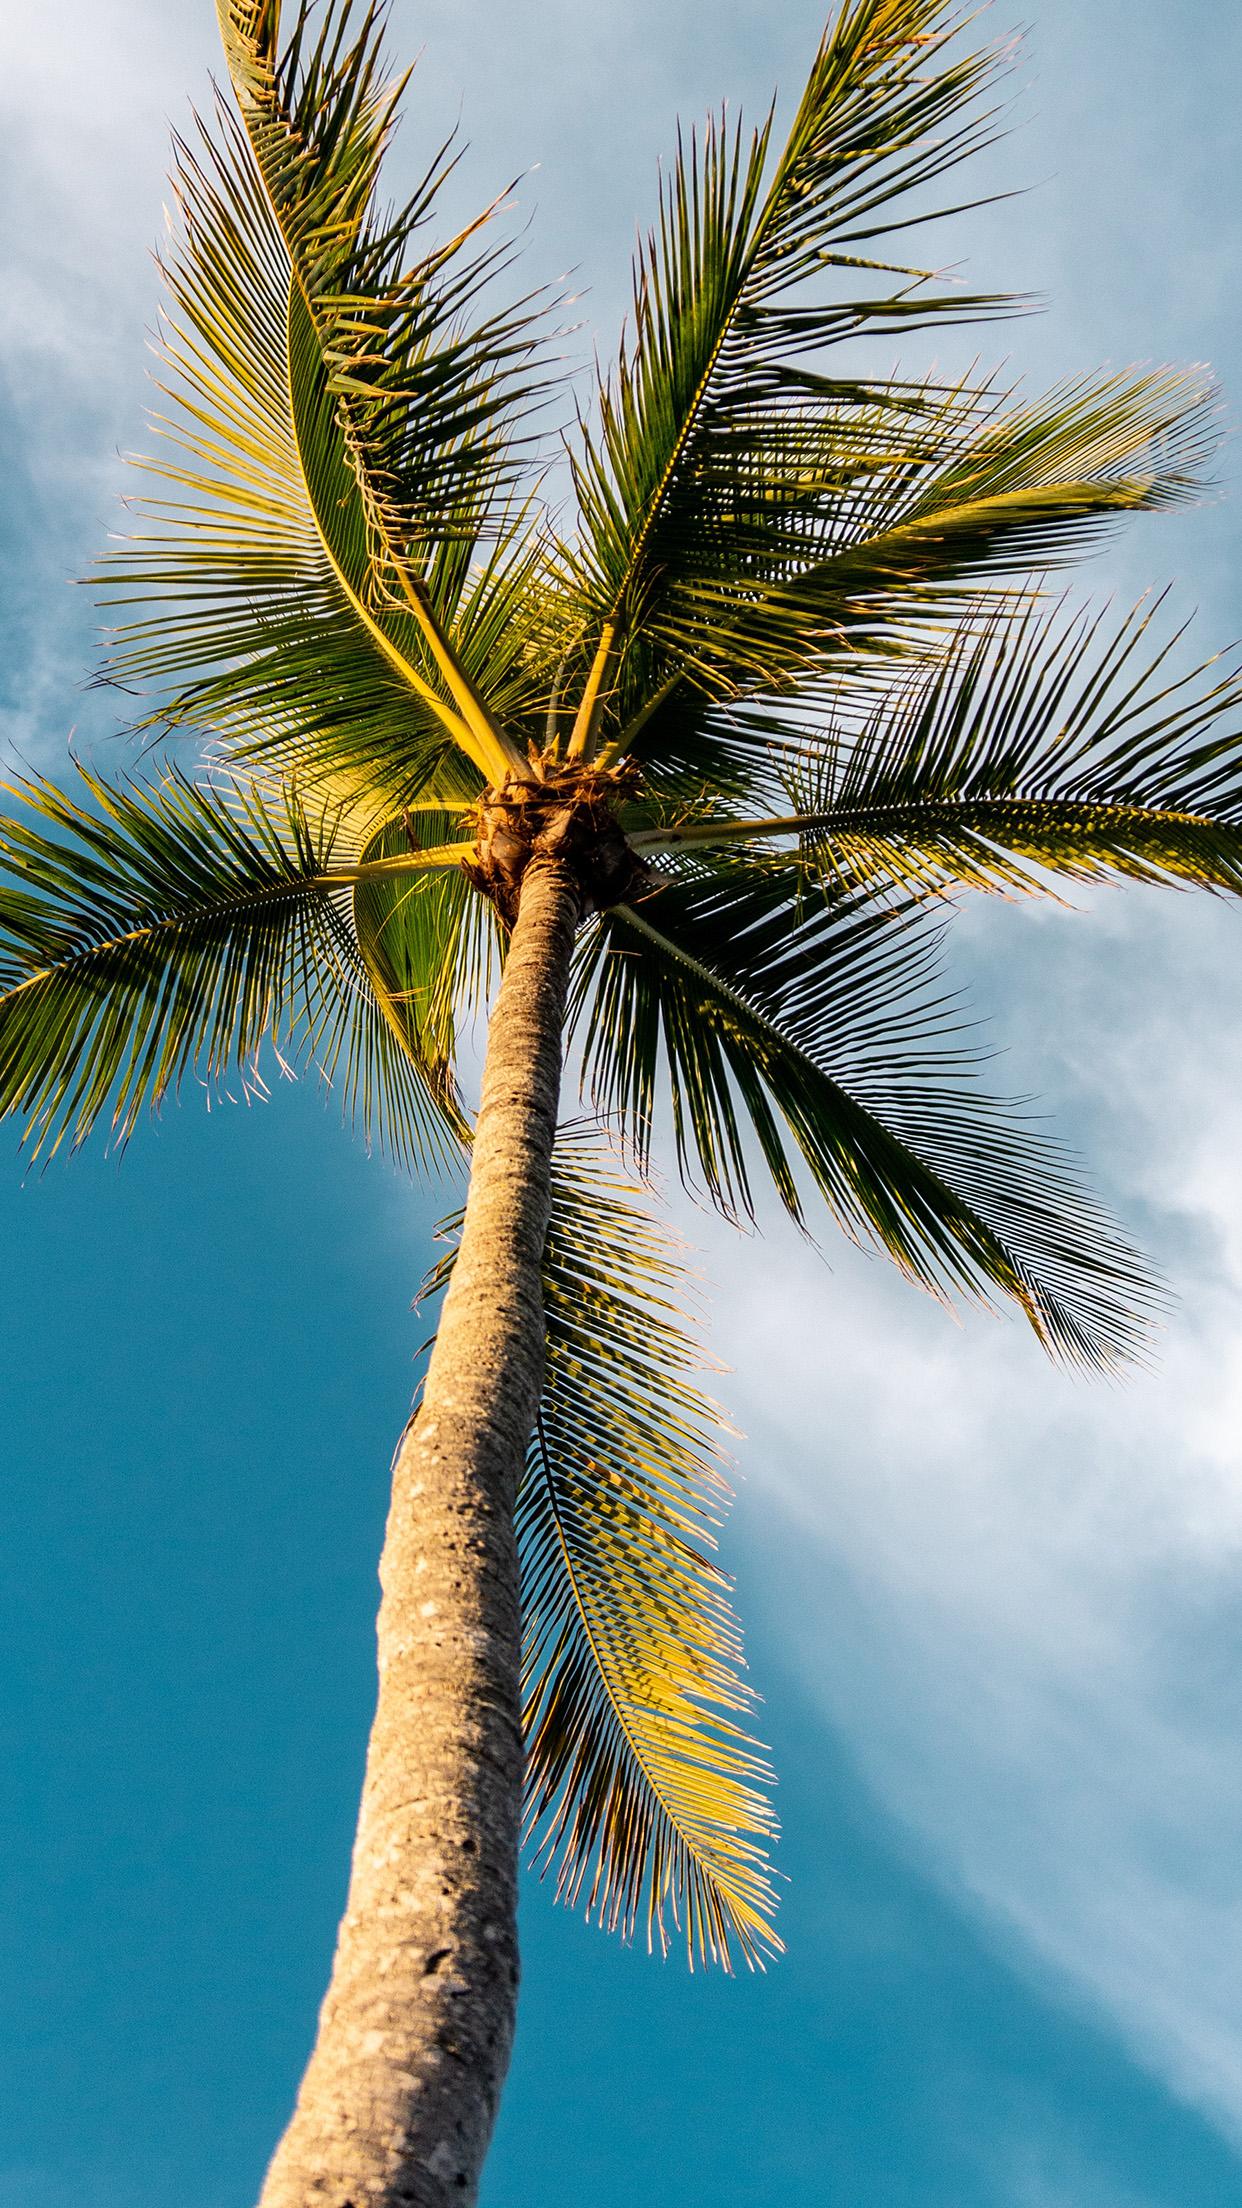 Hd Palm Tree Iphone - HD Wallpaper